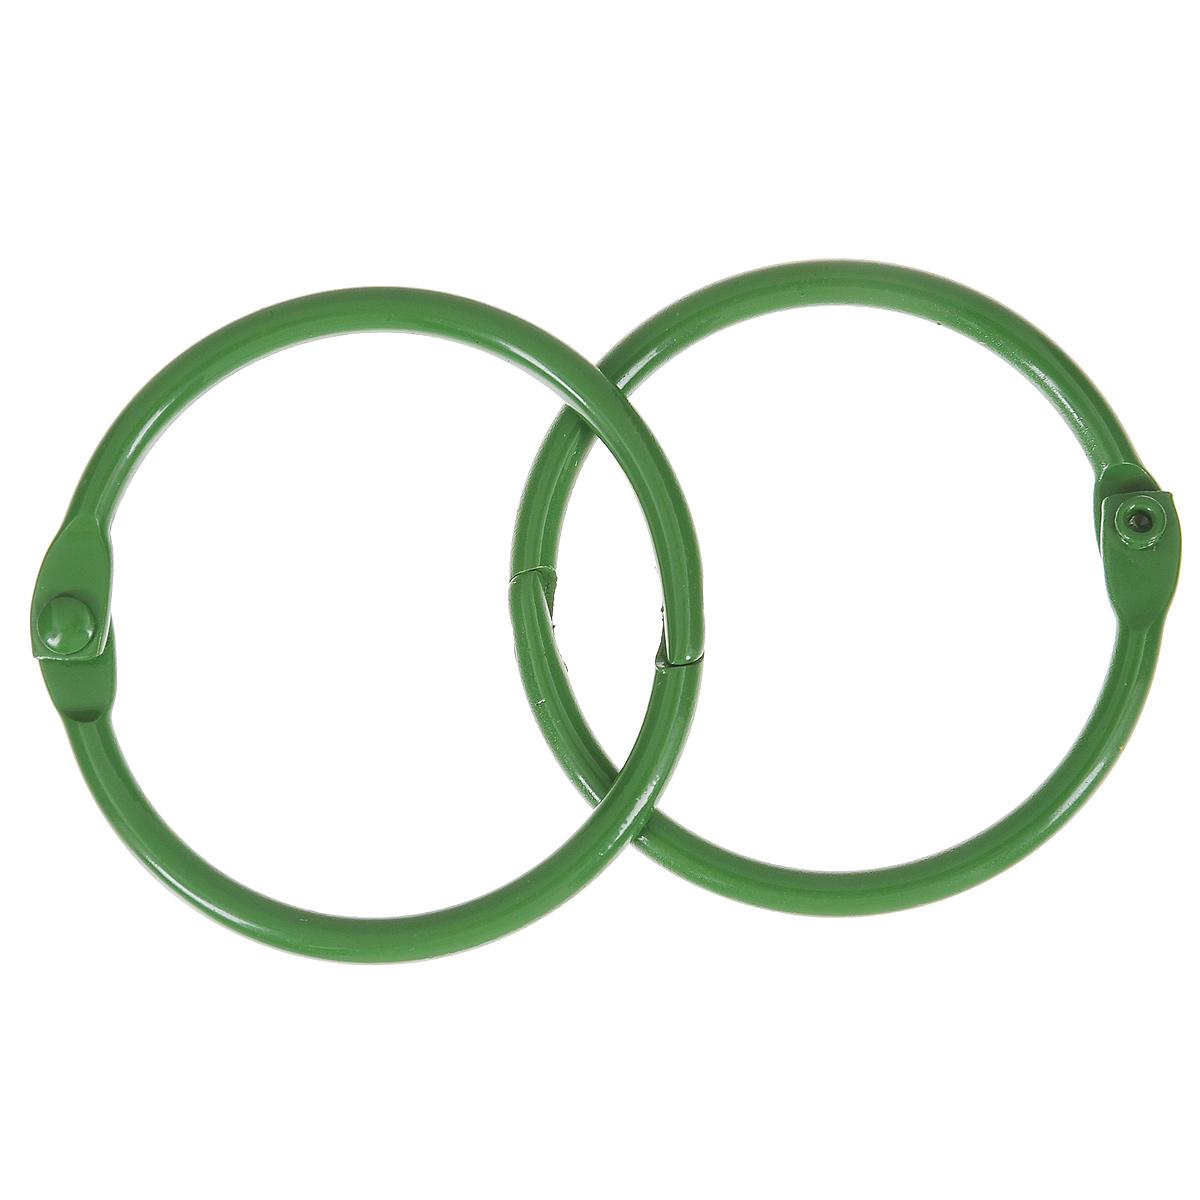 Кольца для скрап-альбома ScrapBerrys, цвет: зеленый, диаметр 40 мм, 2 штSCB2504740Кольца ScrapBerrys изготовлены из металла и предназначены для скрепления альбомов, блокнотов, скетч-буков, выполненных в технике скрапбукинг. В наборе - 2 кольца. Скрапбукинг - это хобби, которое способно приносить массу приятных эмоций не только человеку, который этим занимается, но и его близким, друзьям, родным. Это невероятно увлекательное занятие, которое поможет вам сохранить наиболее памятные и яркие моменты вашей жизни, а также интересно оформить интерьер дома. Диаметр кольца: 40 мм.